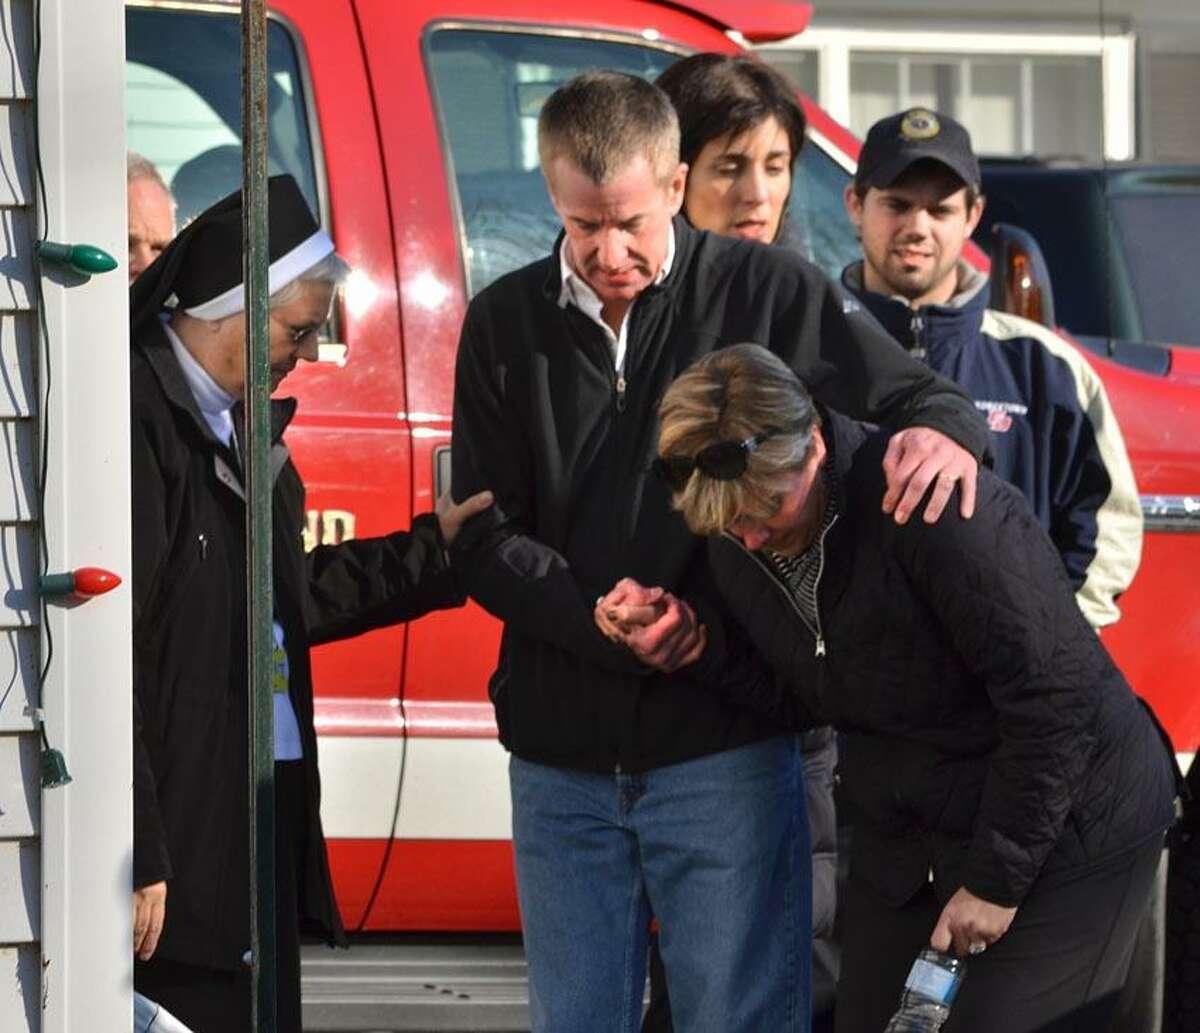 Sandy Hook Elementary School shooting in Newtown CT December 14, 2012